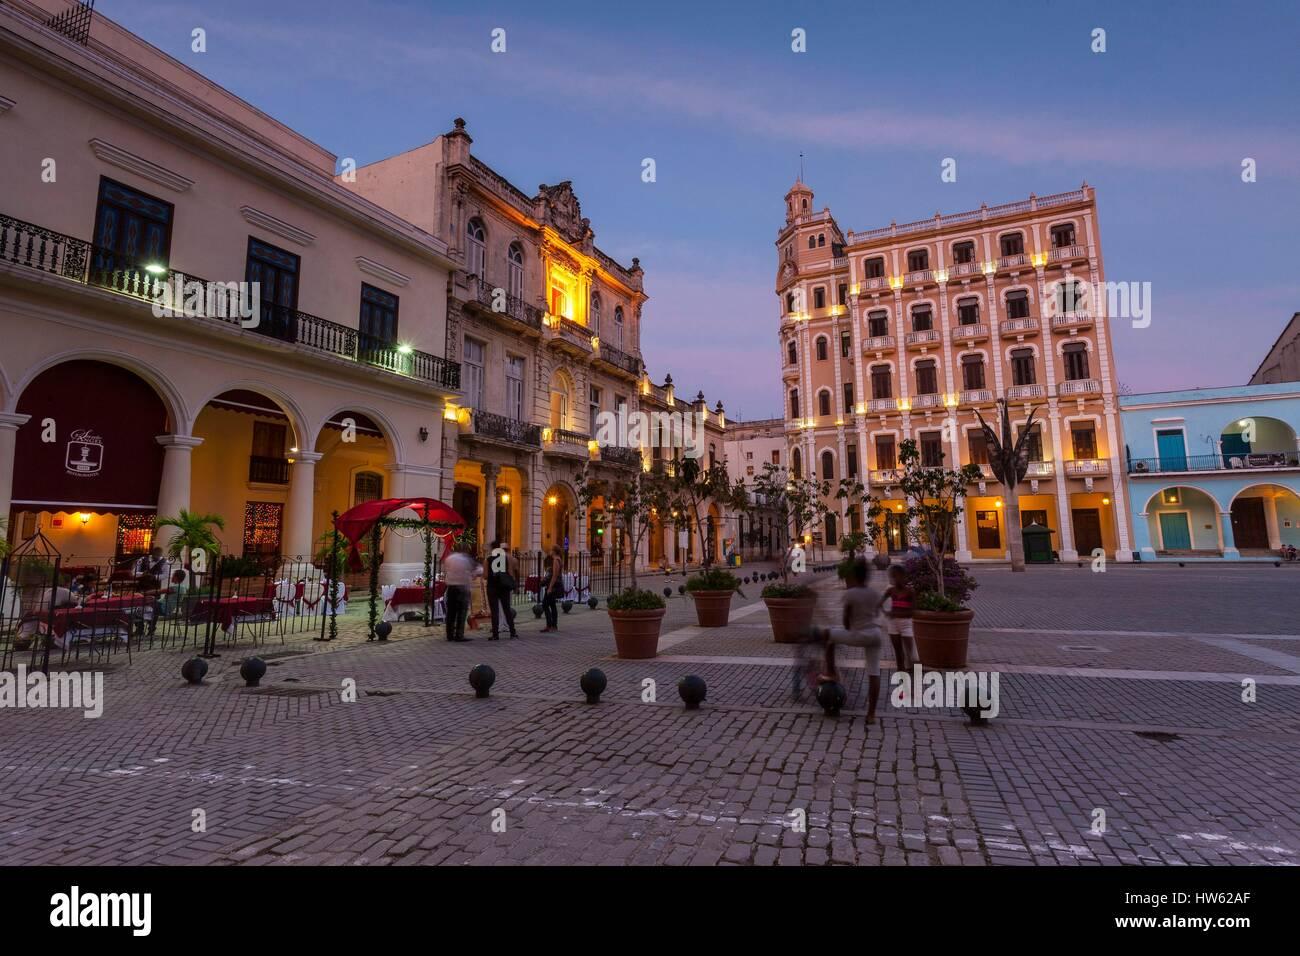 La Habana Vieja Stock Photos & La Habana Vieja Stock ...